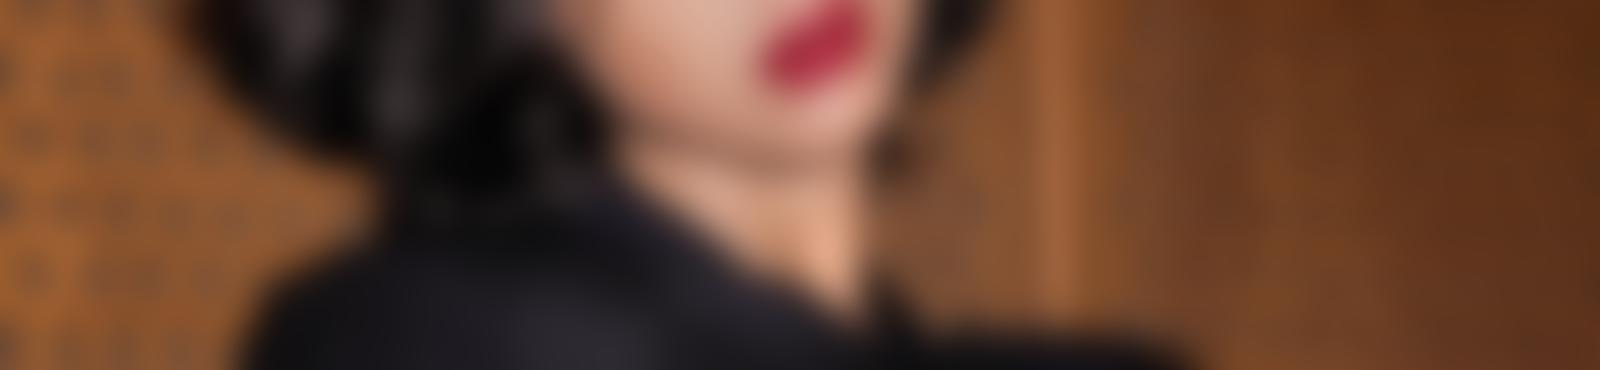 Blurred 5b8d8121 622d 4344 b921 f91114e93316